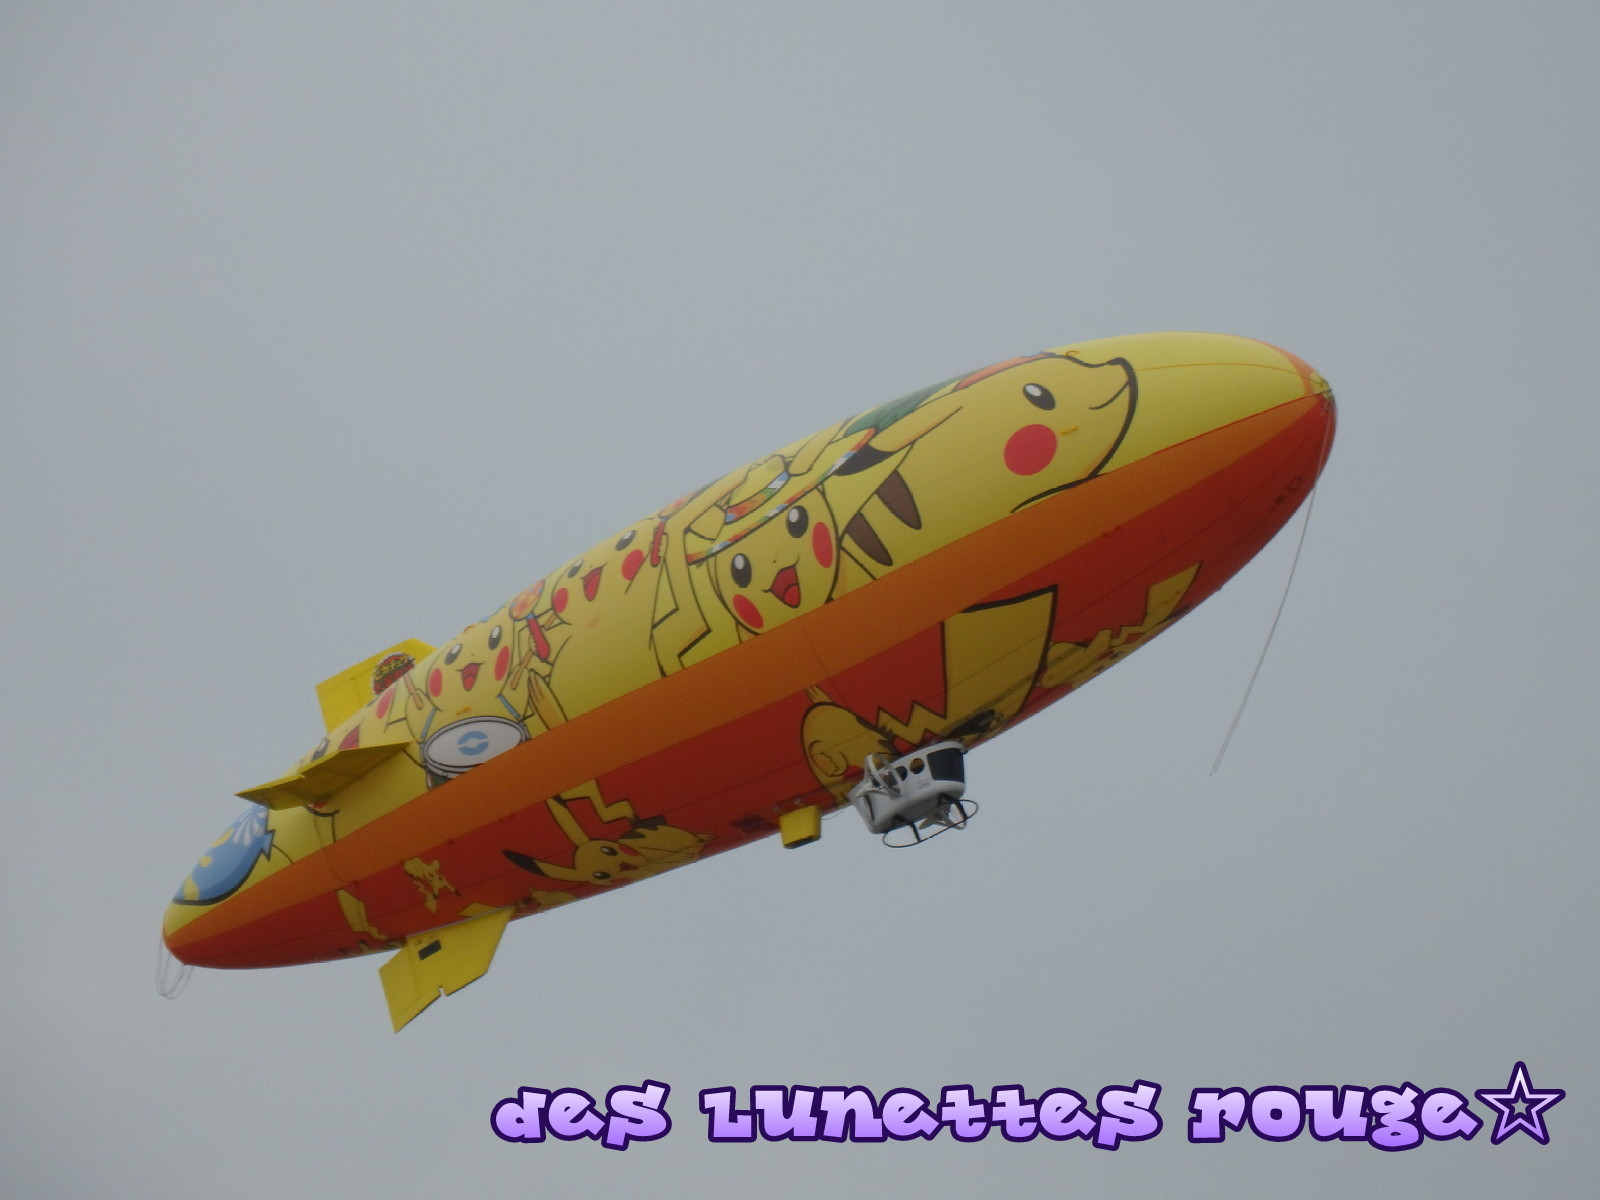 ピカチュウ飛行船